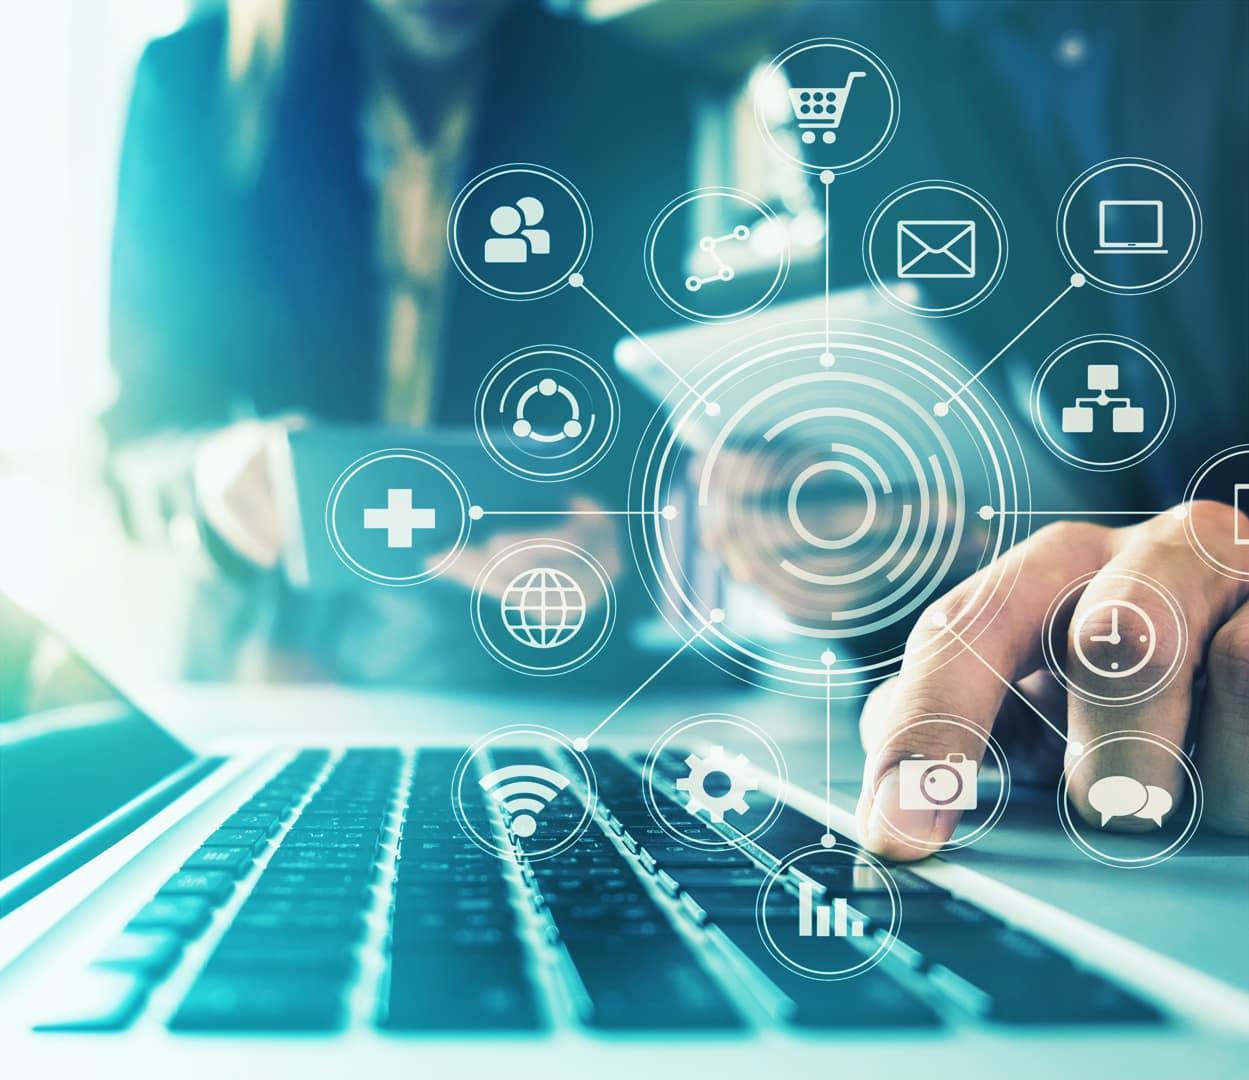 Trouver du contenucontent marketing dans sa stratégie de communication digitale